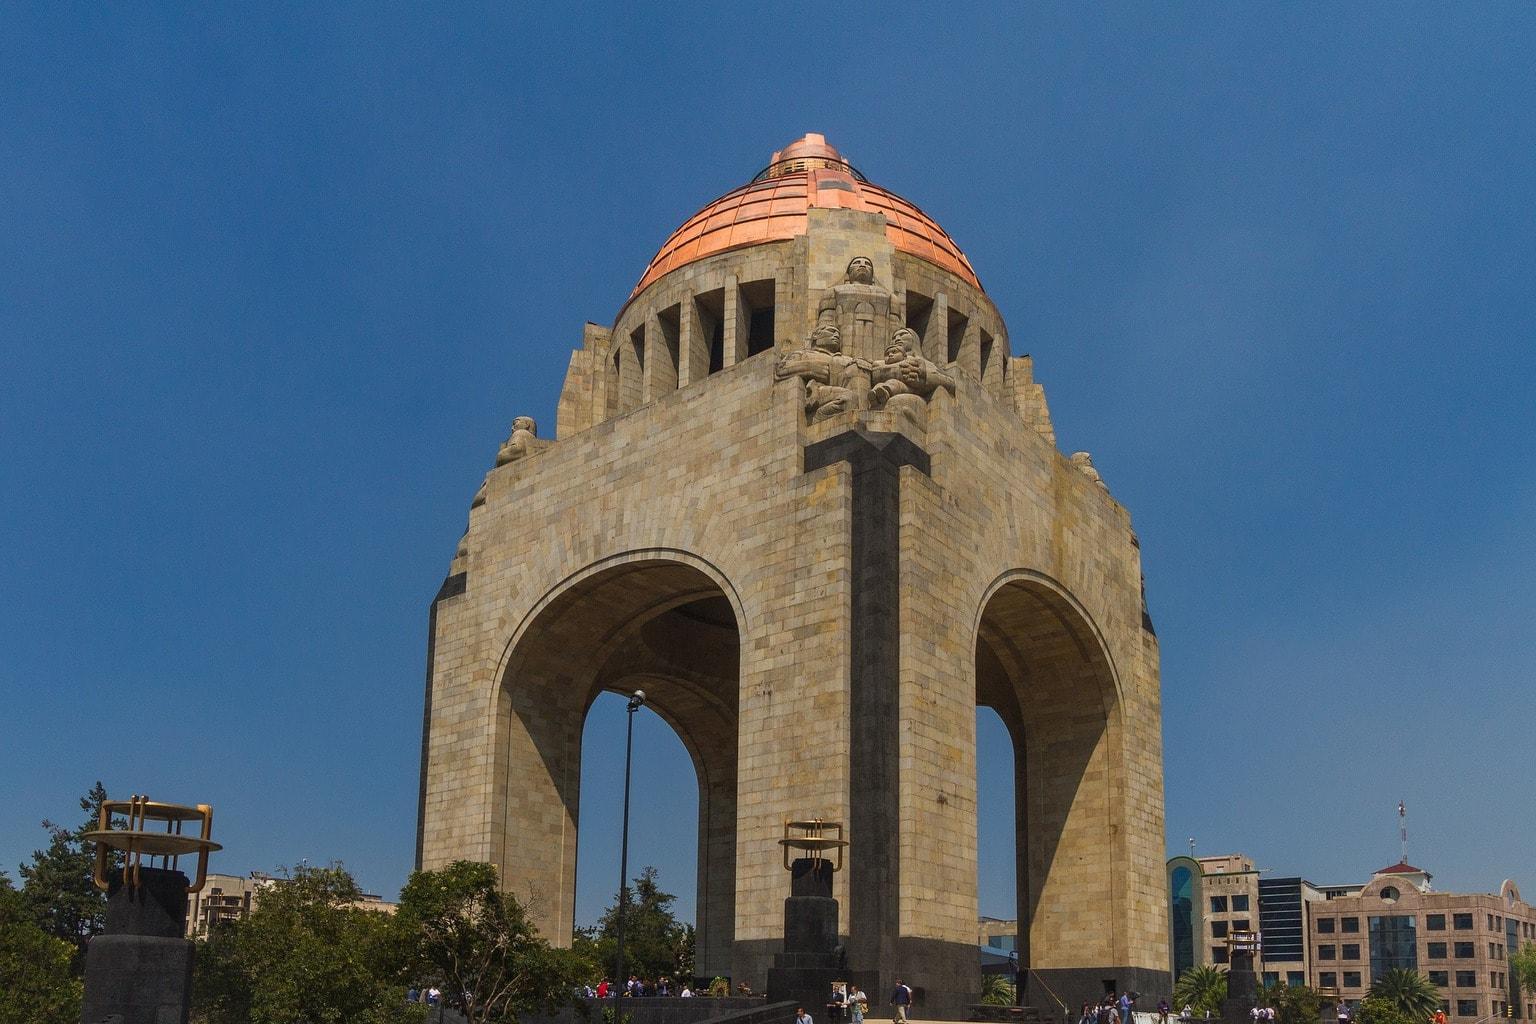 Monumento a la Revolución Mexico City